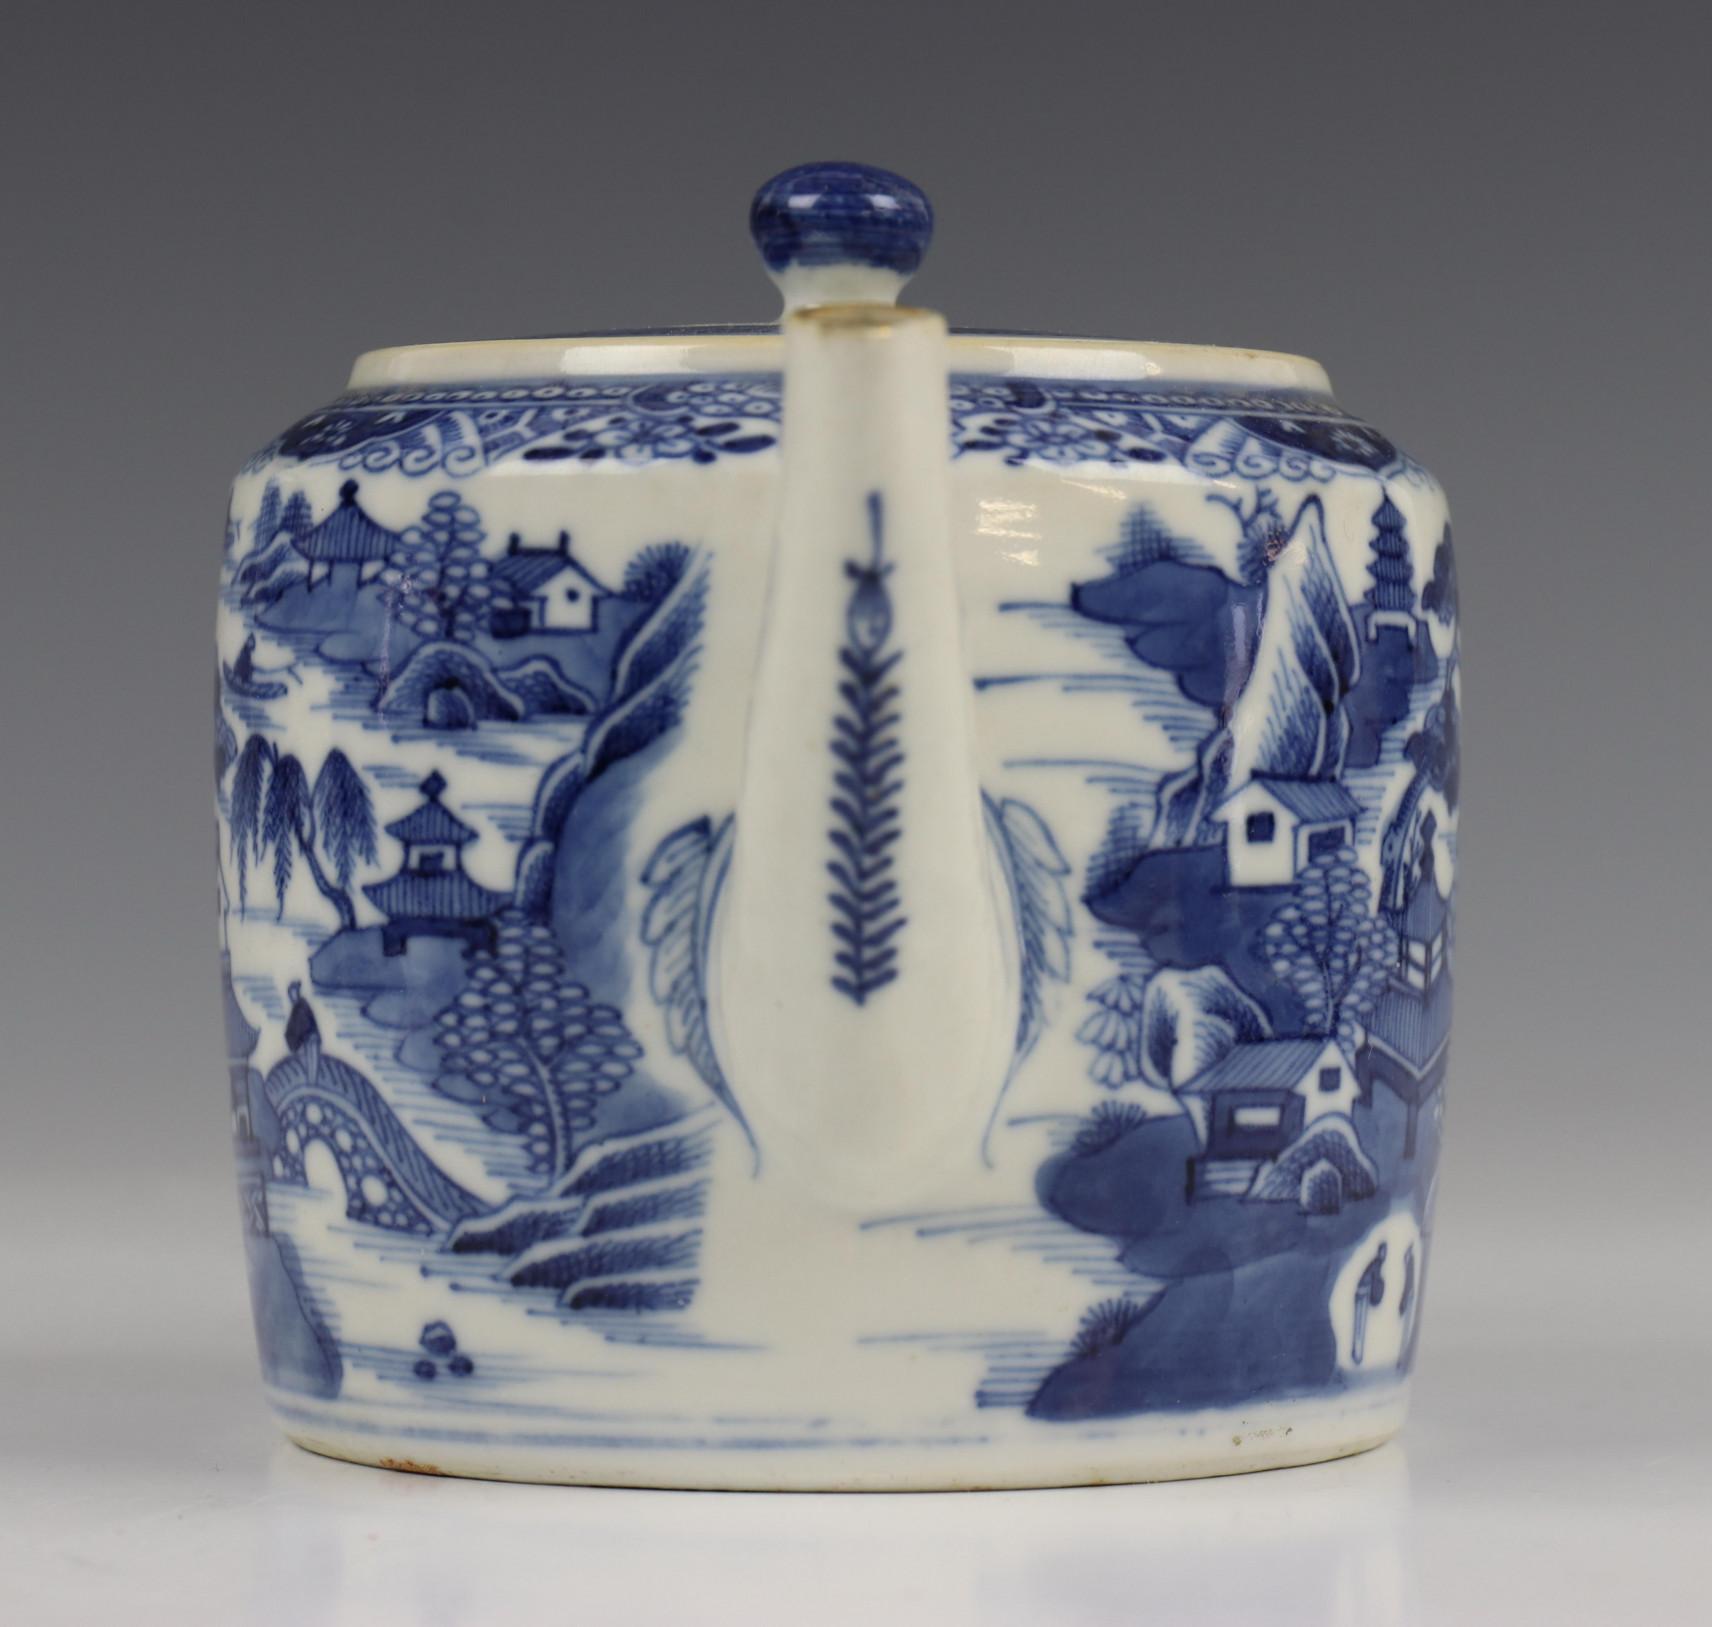 China, blauw-wit porseleinen trekpot, Imari trekpotje en melkkan, 18e eeuw, - Image 3 of 21